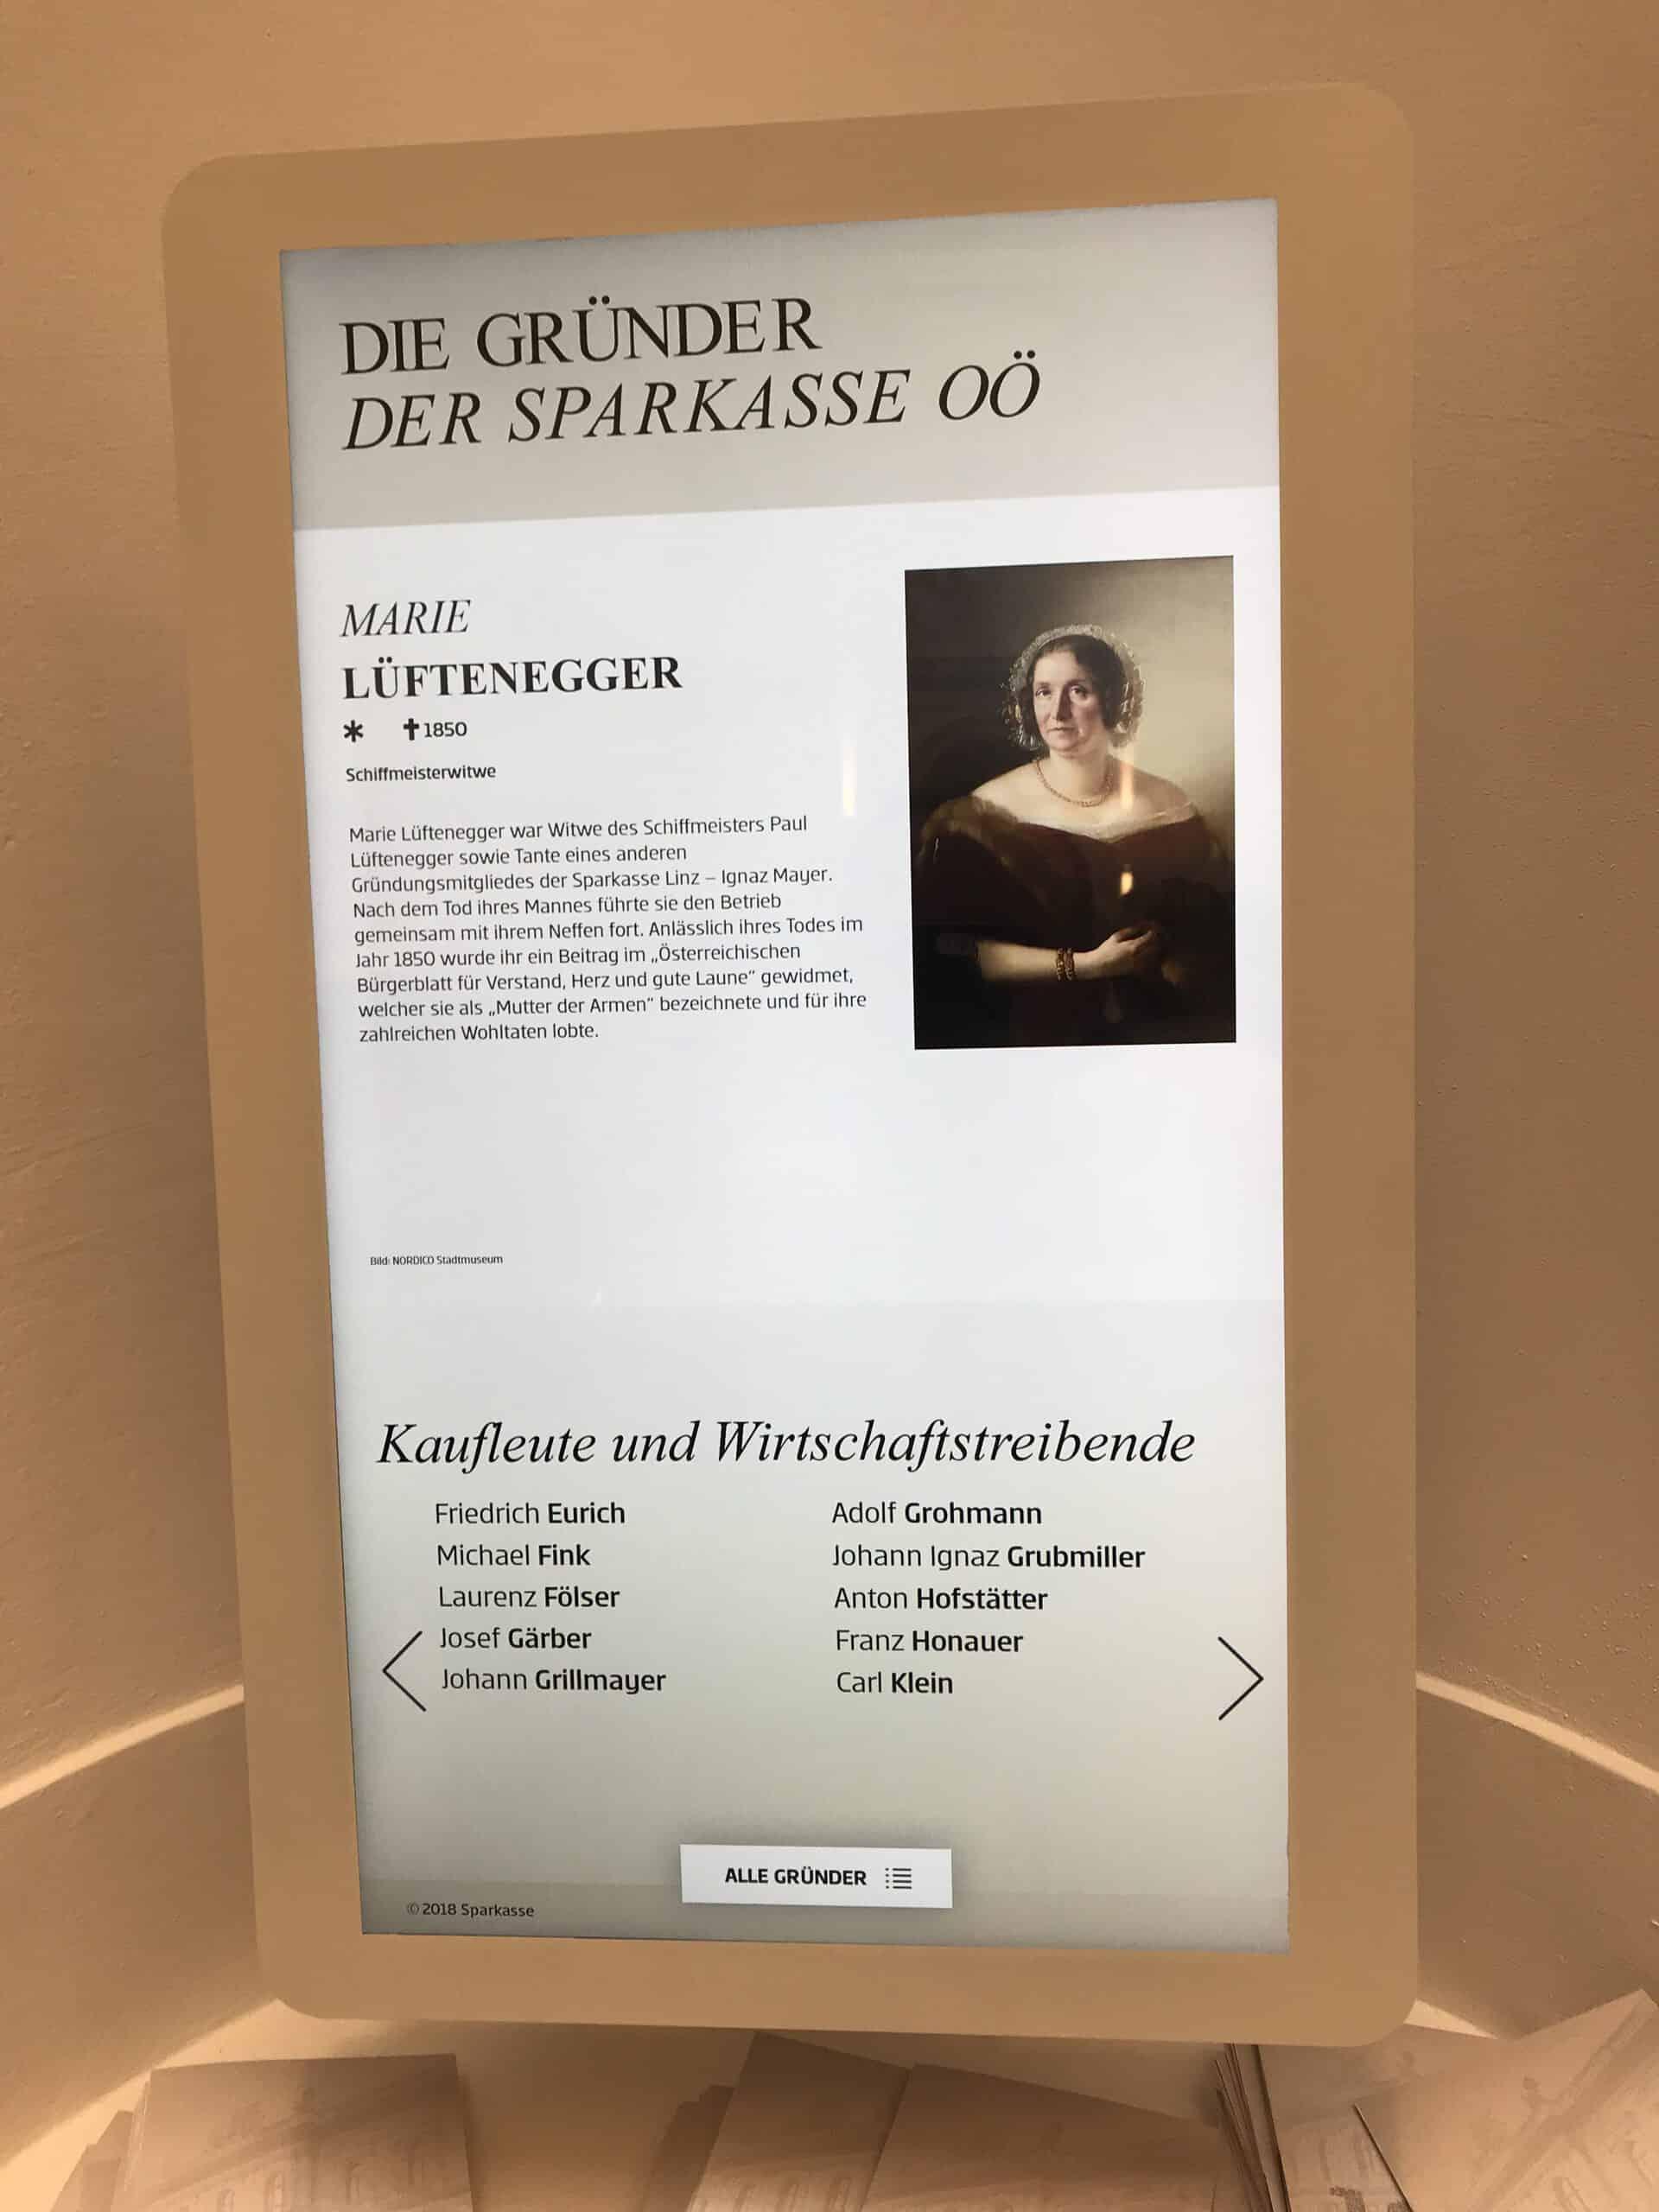 Sparkasse_Gründer_IMG_1615